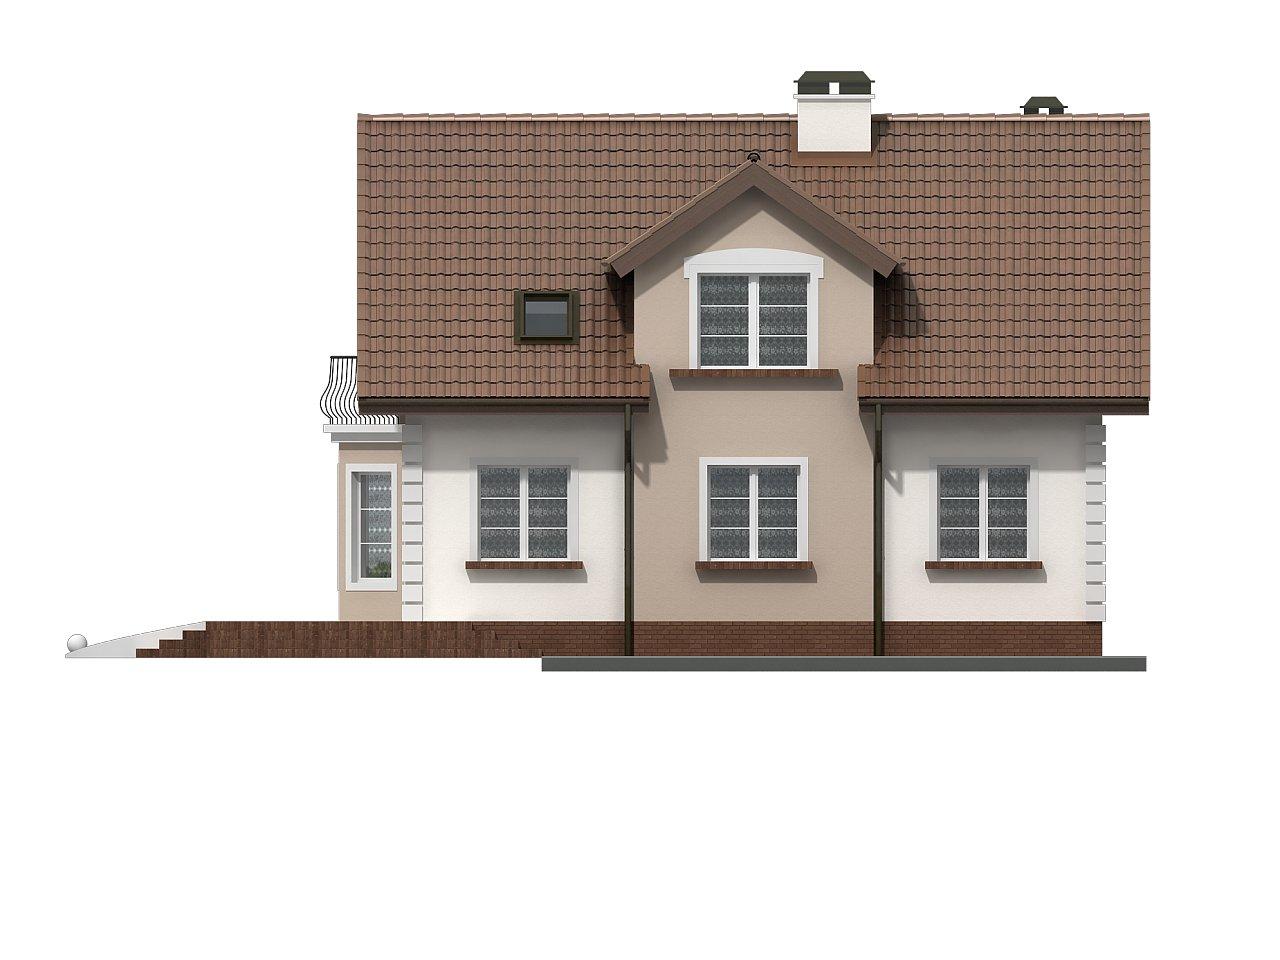 Элегантный дом с мансардой, эркером и балконом над ним. 4